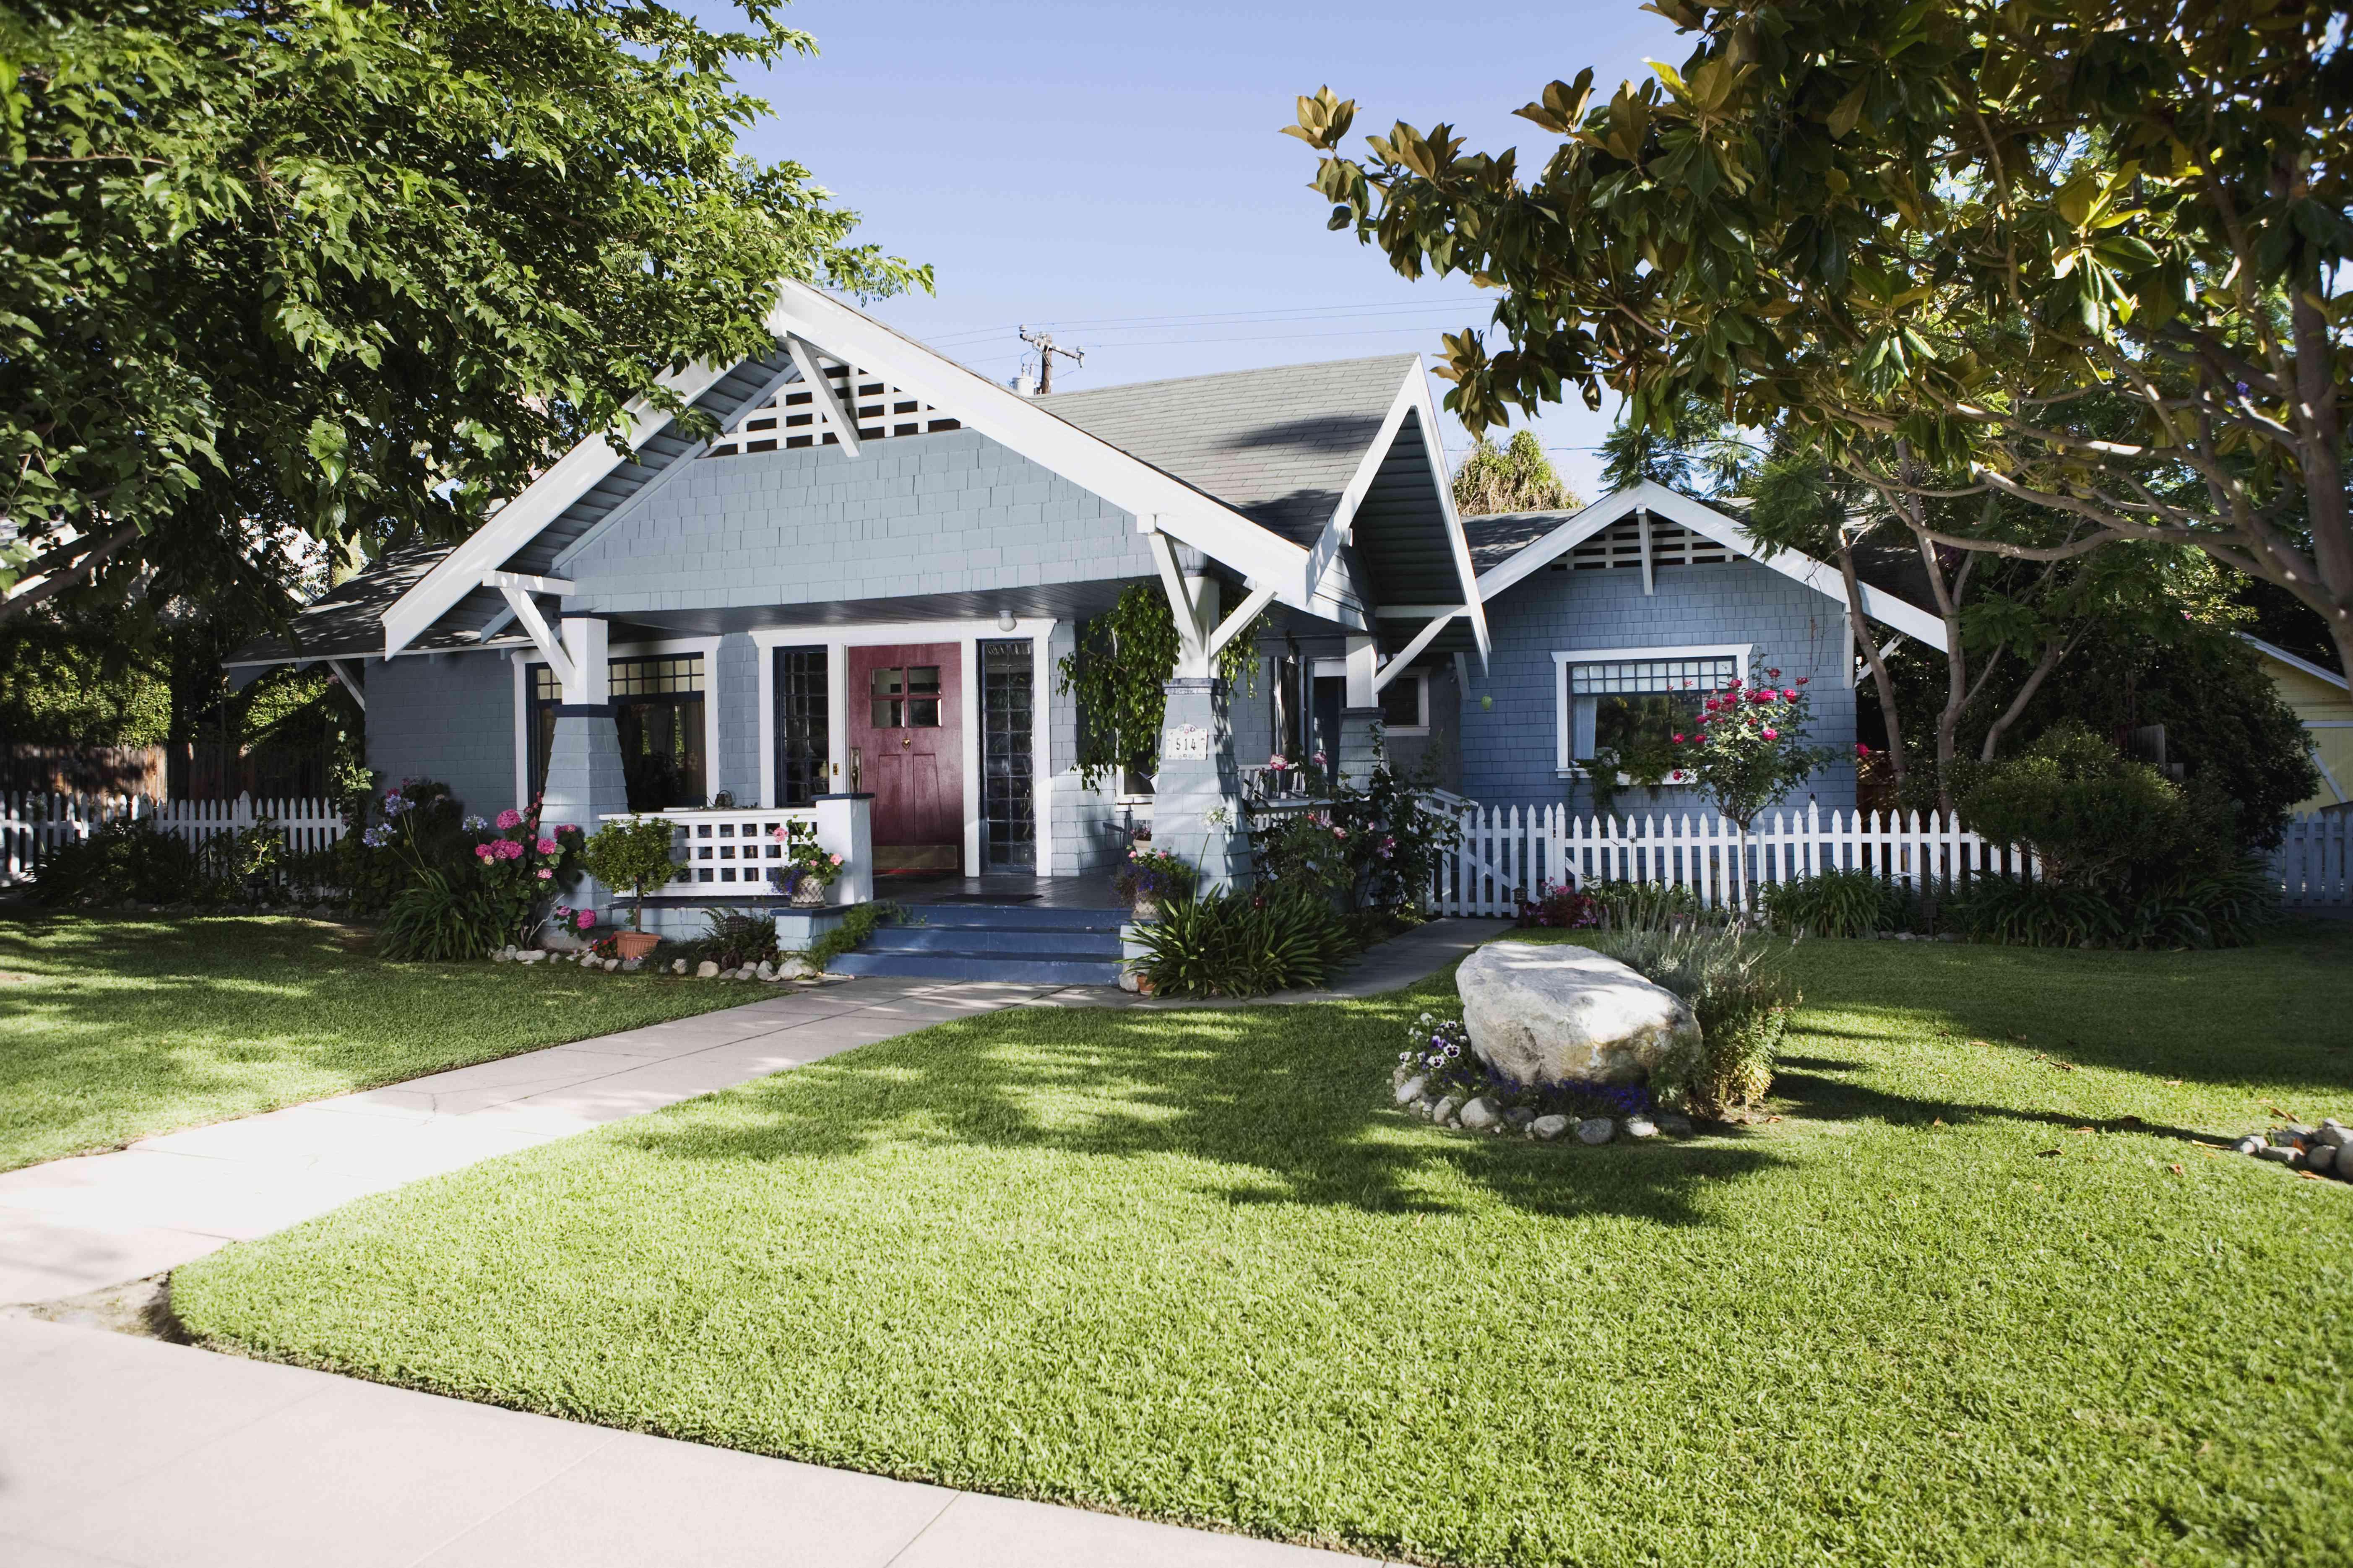 Exterior de la casa Craftsman y patio delantero